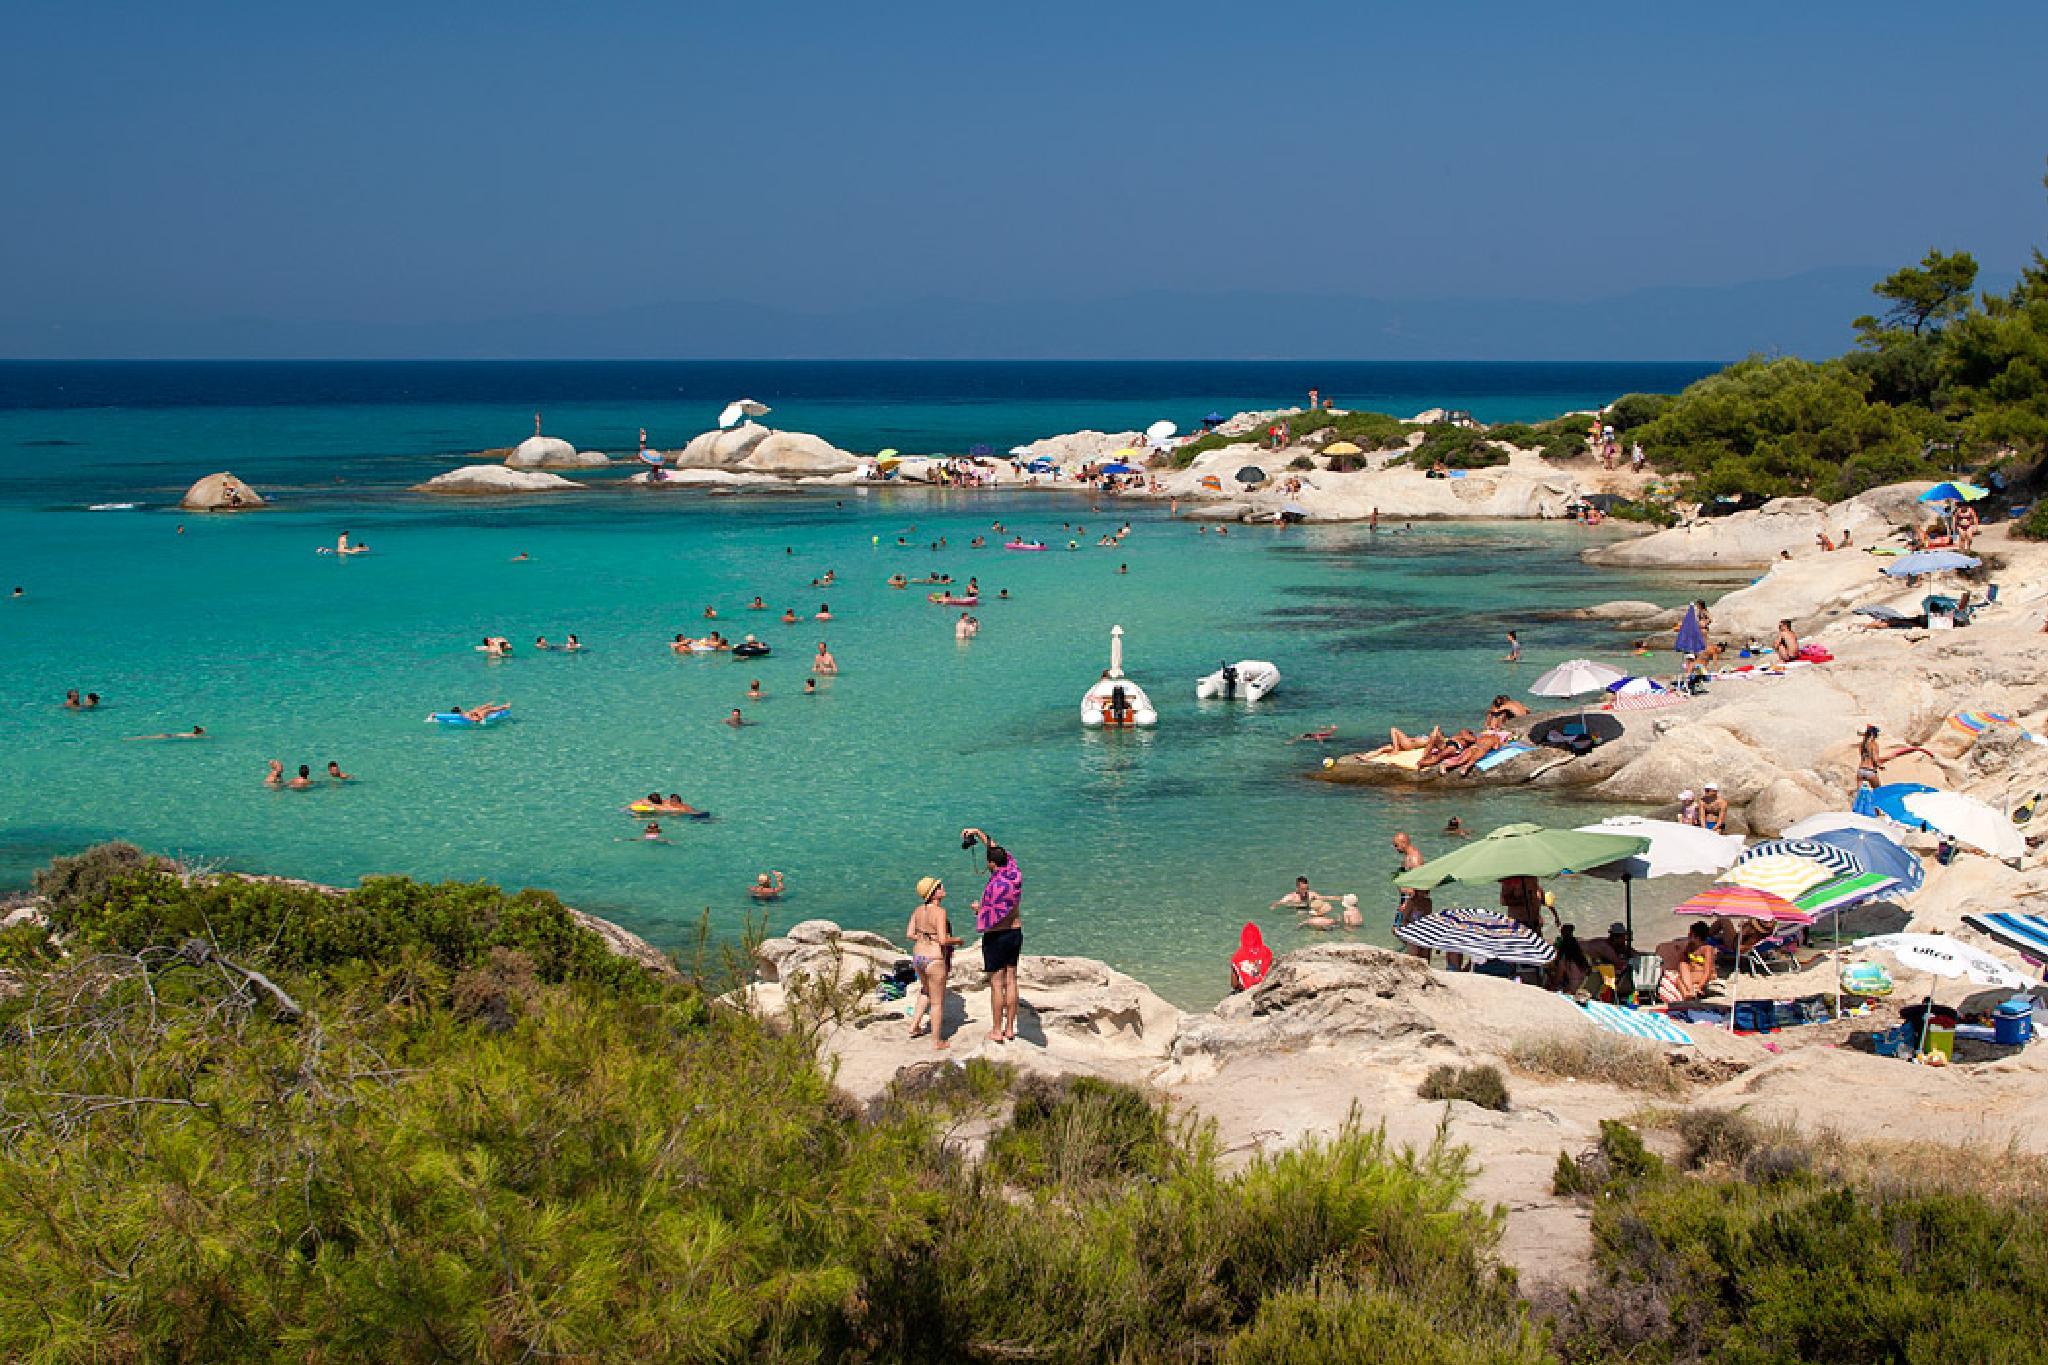 Halkidiki Sithonia-Portokali beach by Sotiris Siomis